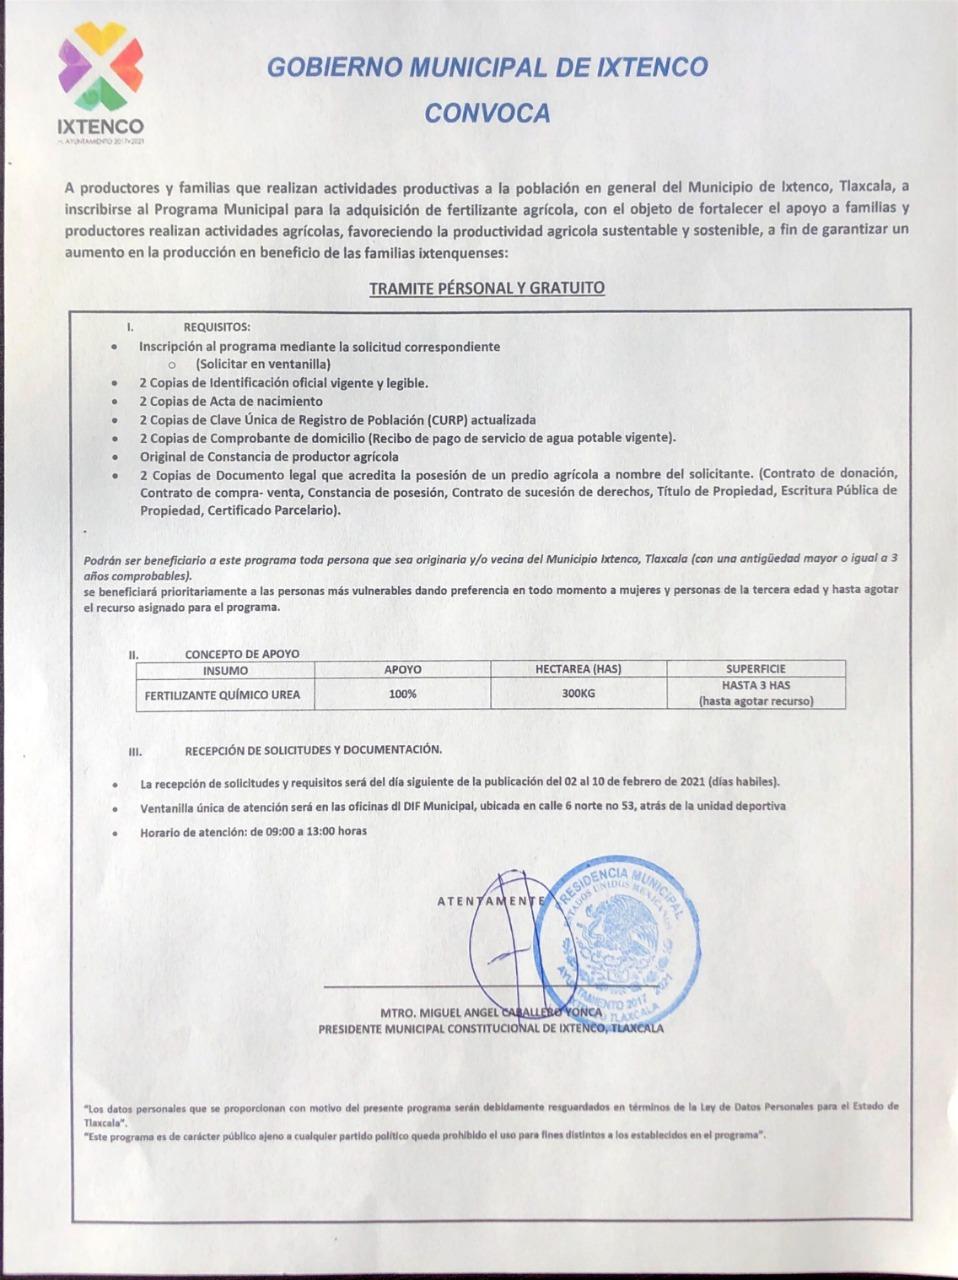 Pública Ixtenco convocatoria para acceder al Programa de Fertilizante Gratuito